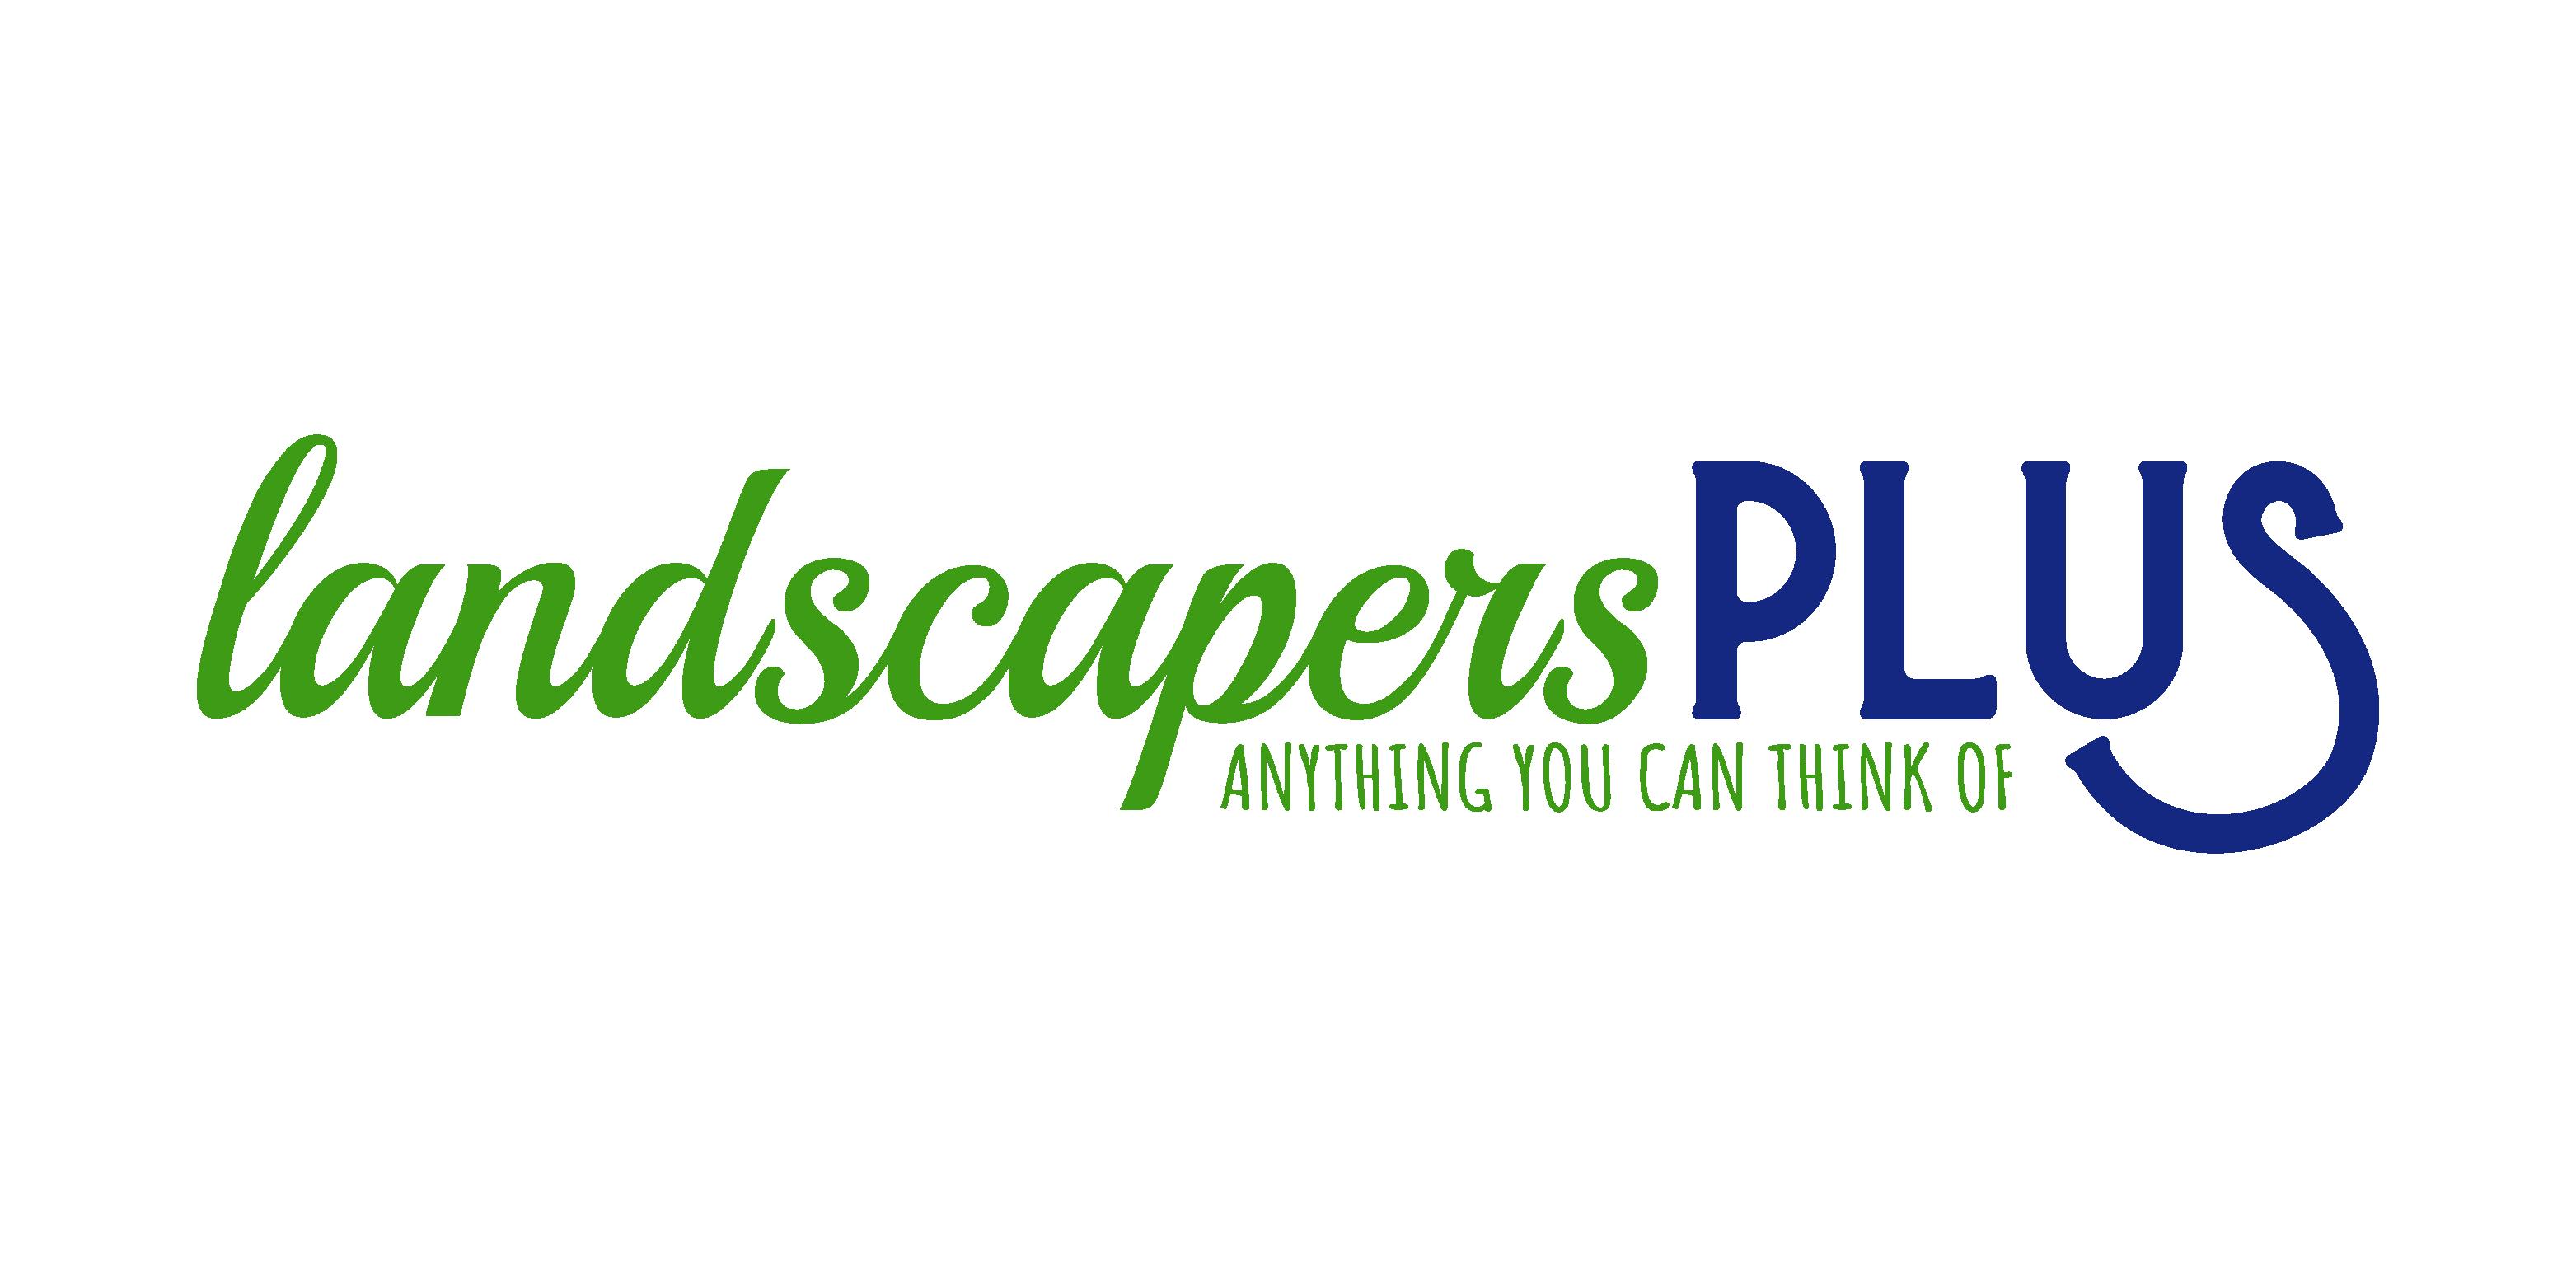 Landscapers Plus